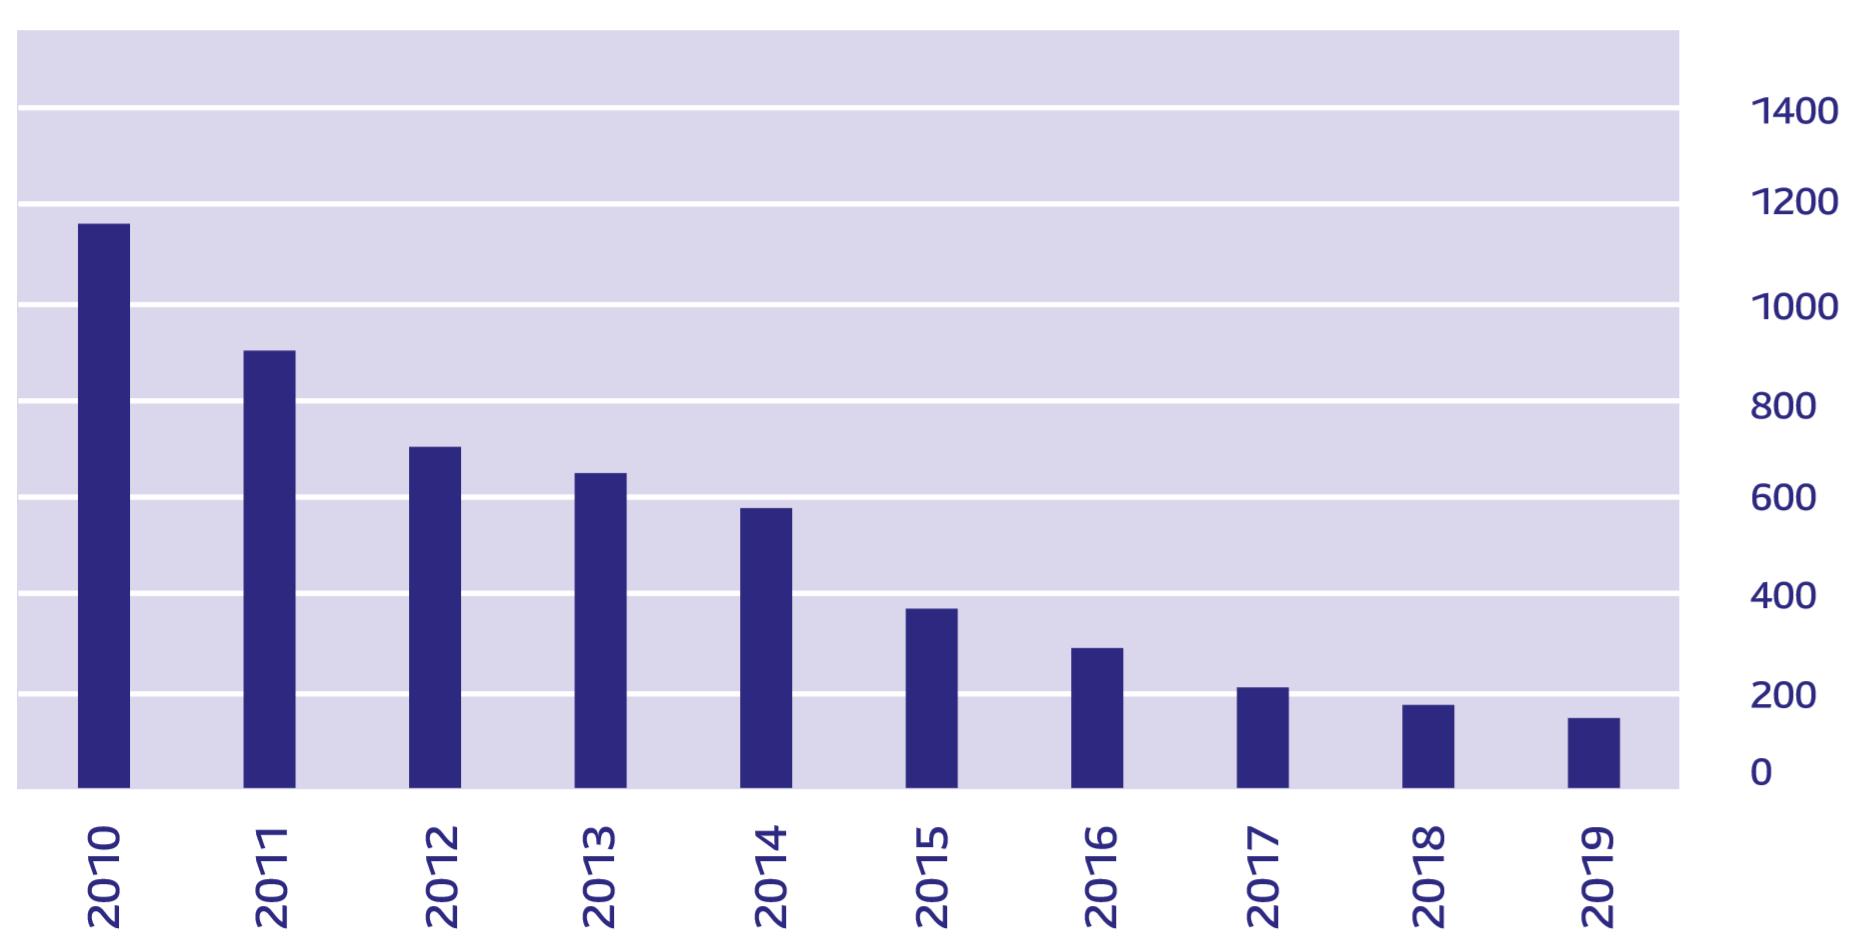 VÝVOJ CIEN BATÉRIÍ PRE ELEKTROMOBILIY (dolárov za kilowatthodinu)   cena batérií   Poznámka: pre rok 2019 ide o odhad Prameň: BloombergNEF